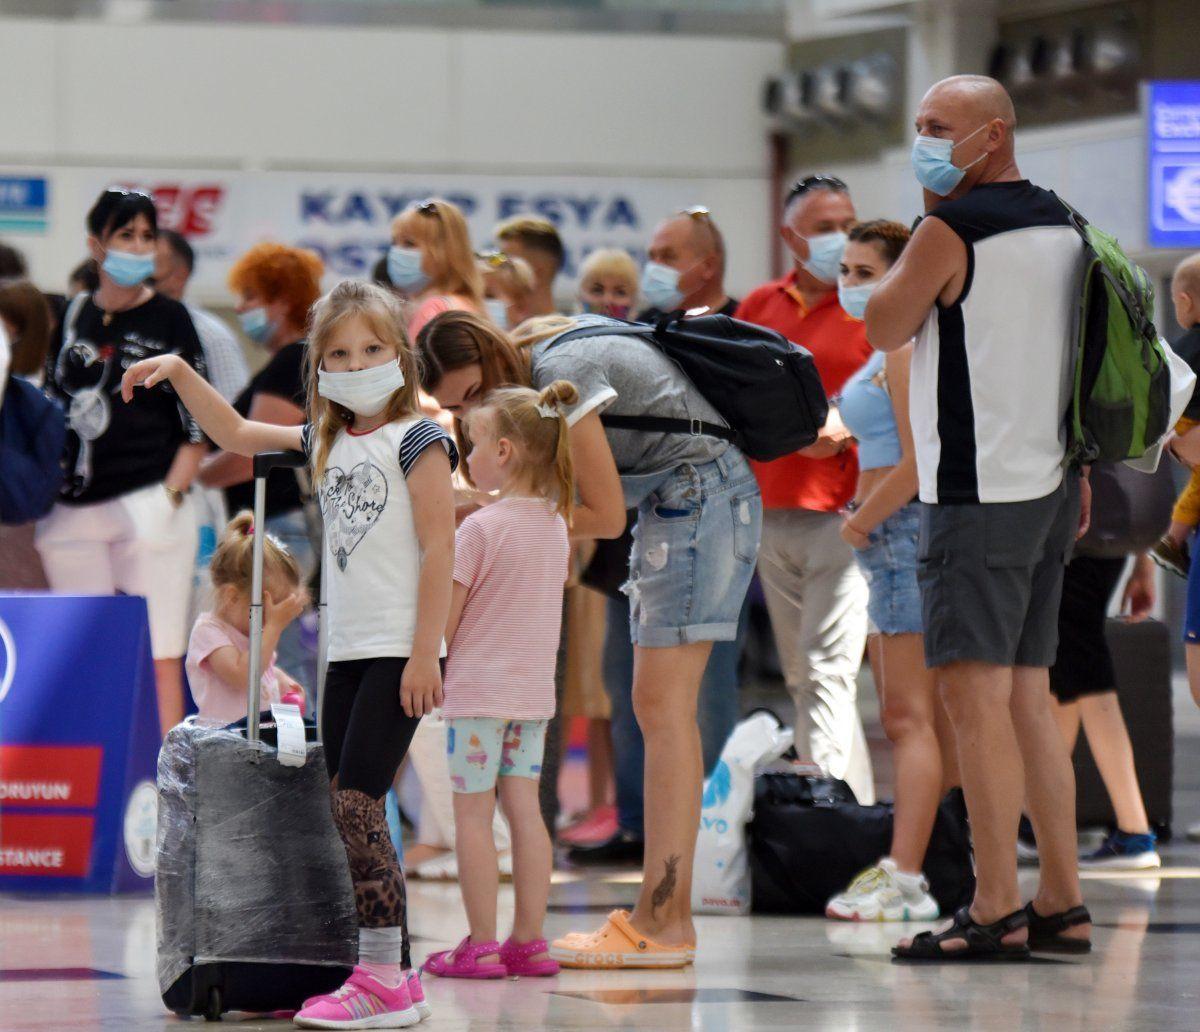 Rusya Antalya'ya akıyor: Terminal büyütülecek - Sayfa 3